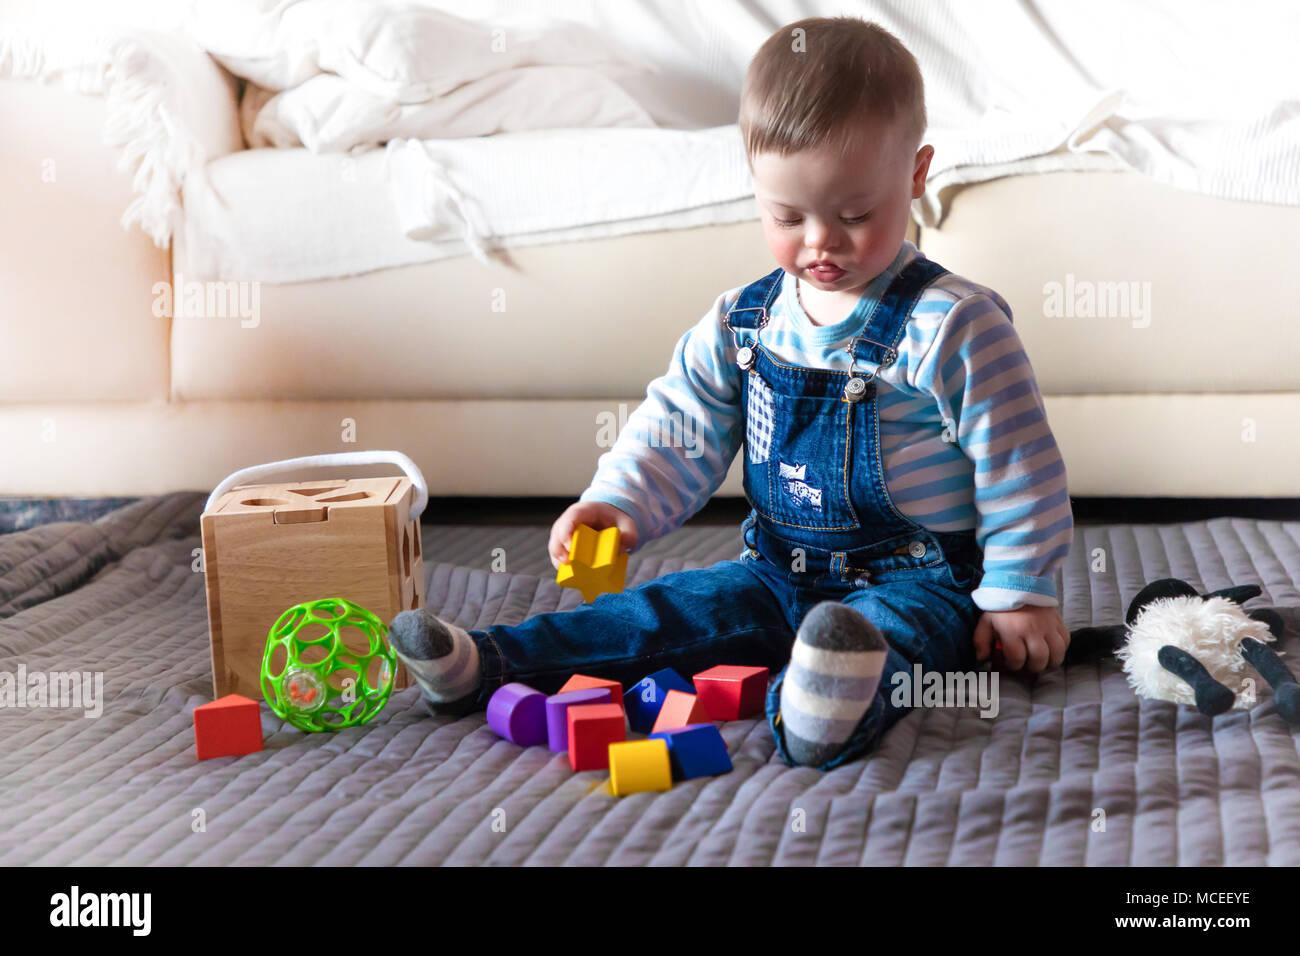 Portrait von niedlichen Baby Junge mit Down-syndrom Stockbild